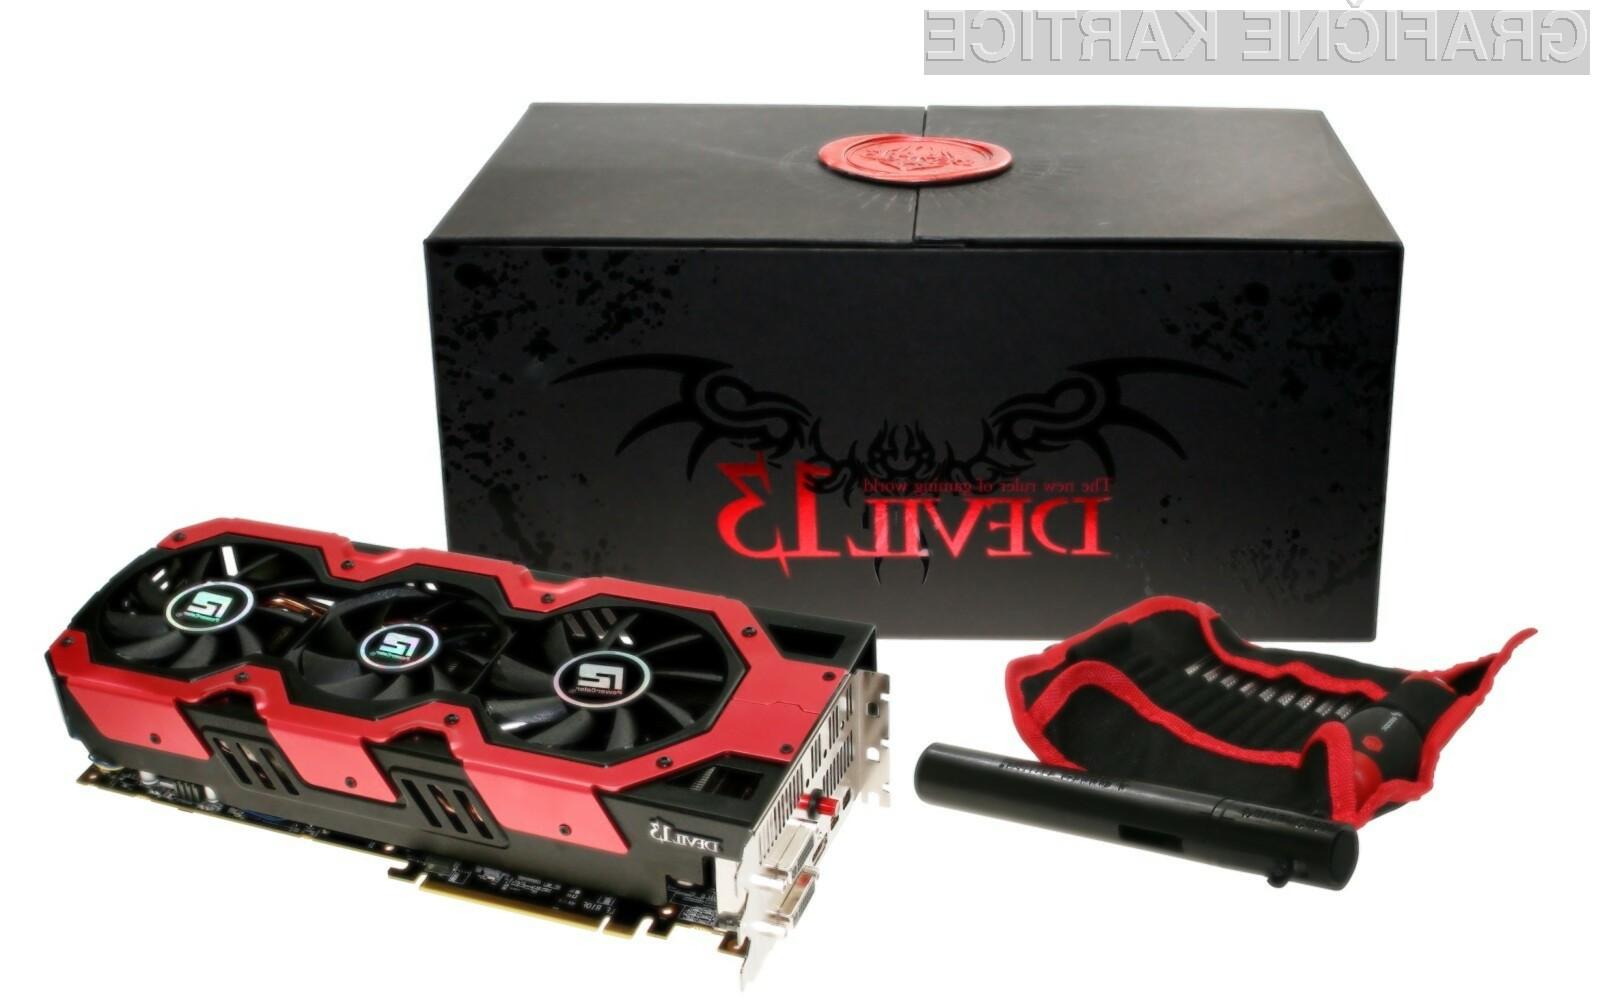 Podjetje PowerColor je predstavilo novo različico grafične kartice Devil 13 z kar dvema grafičnima procesorjema Tahiti XT.